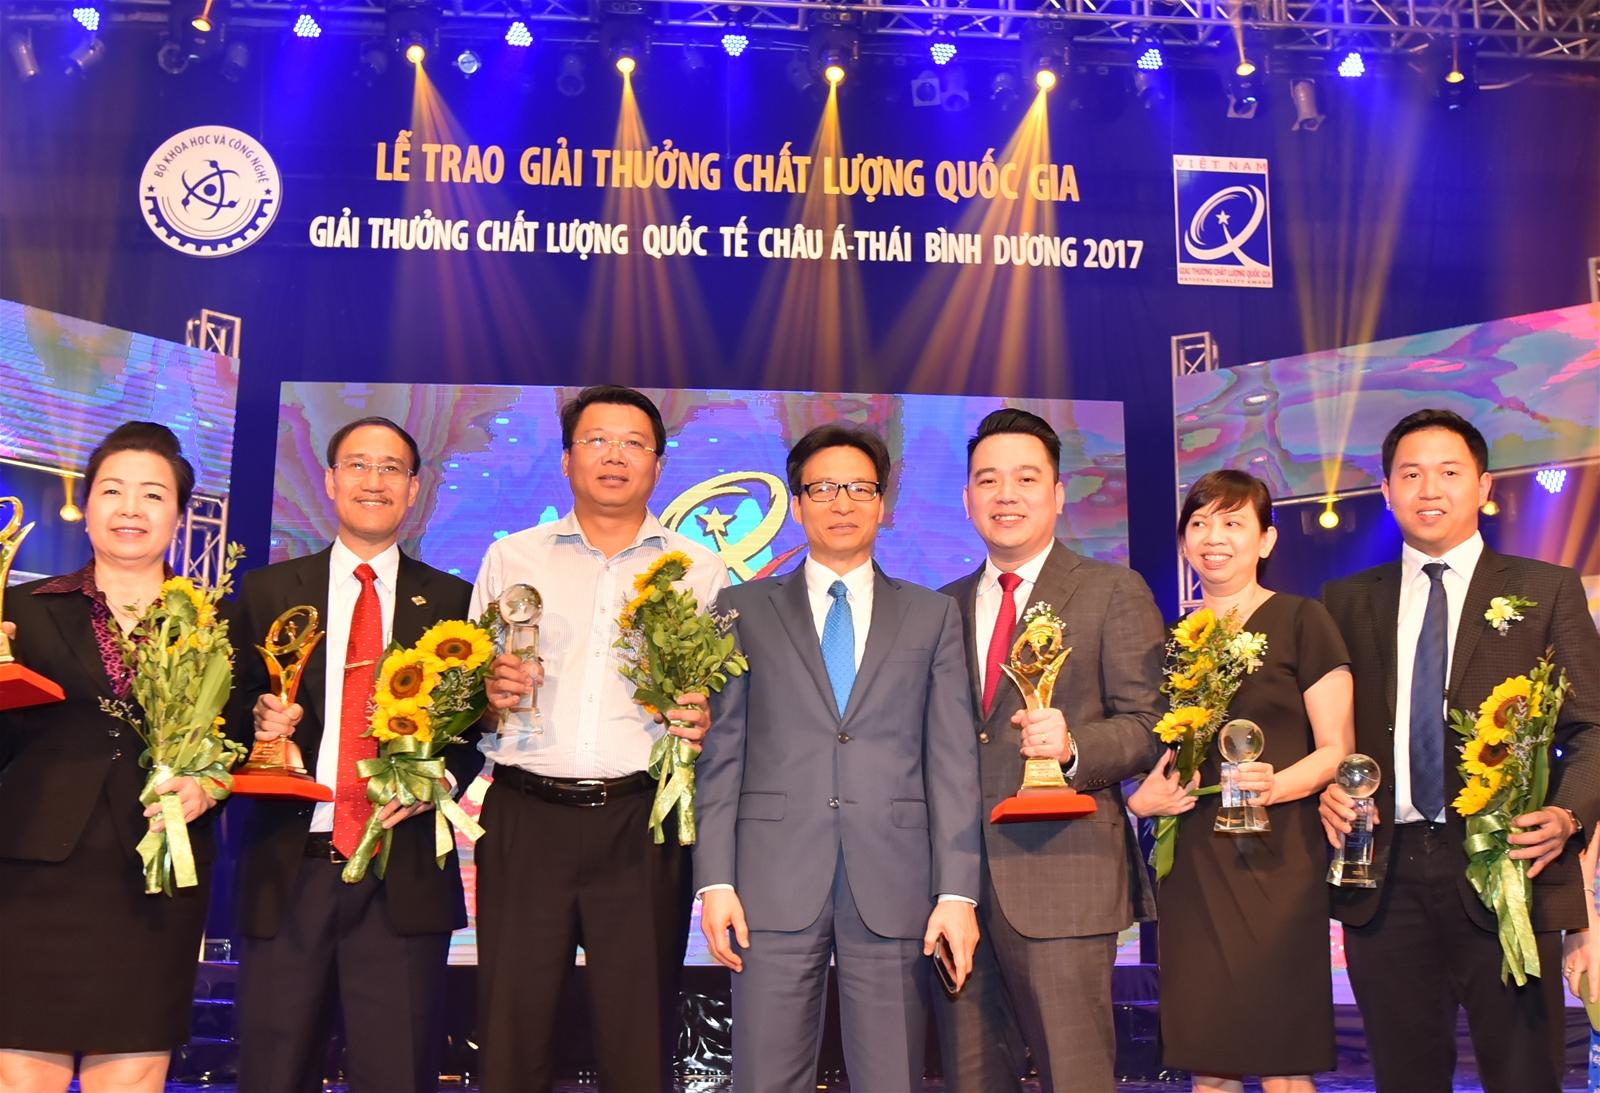 Tập đoàn Tân Á Đại Thành đạt giải thưởng chất lượng Châu Á Thái Bình Dương